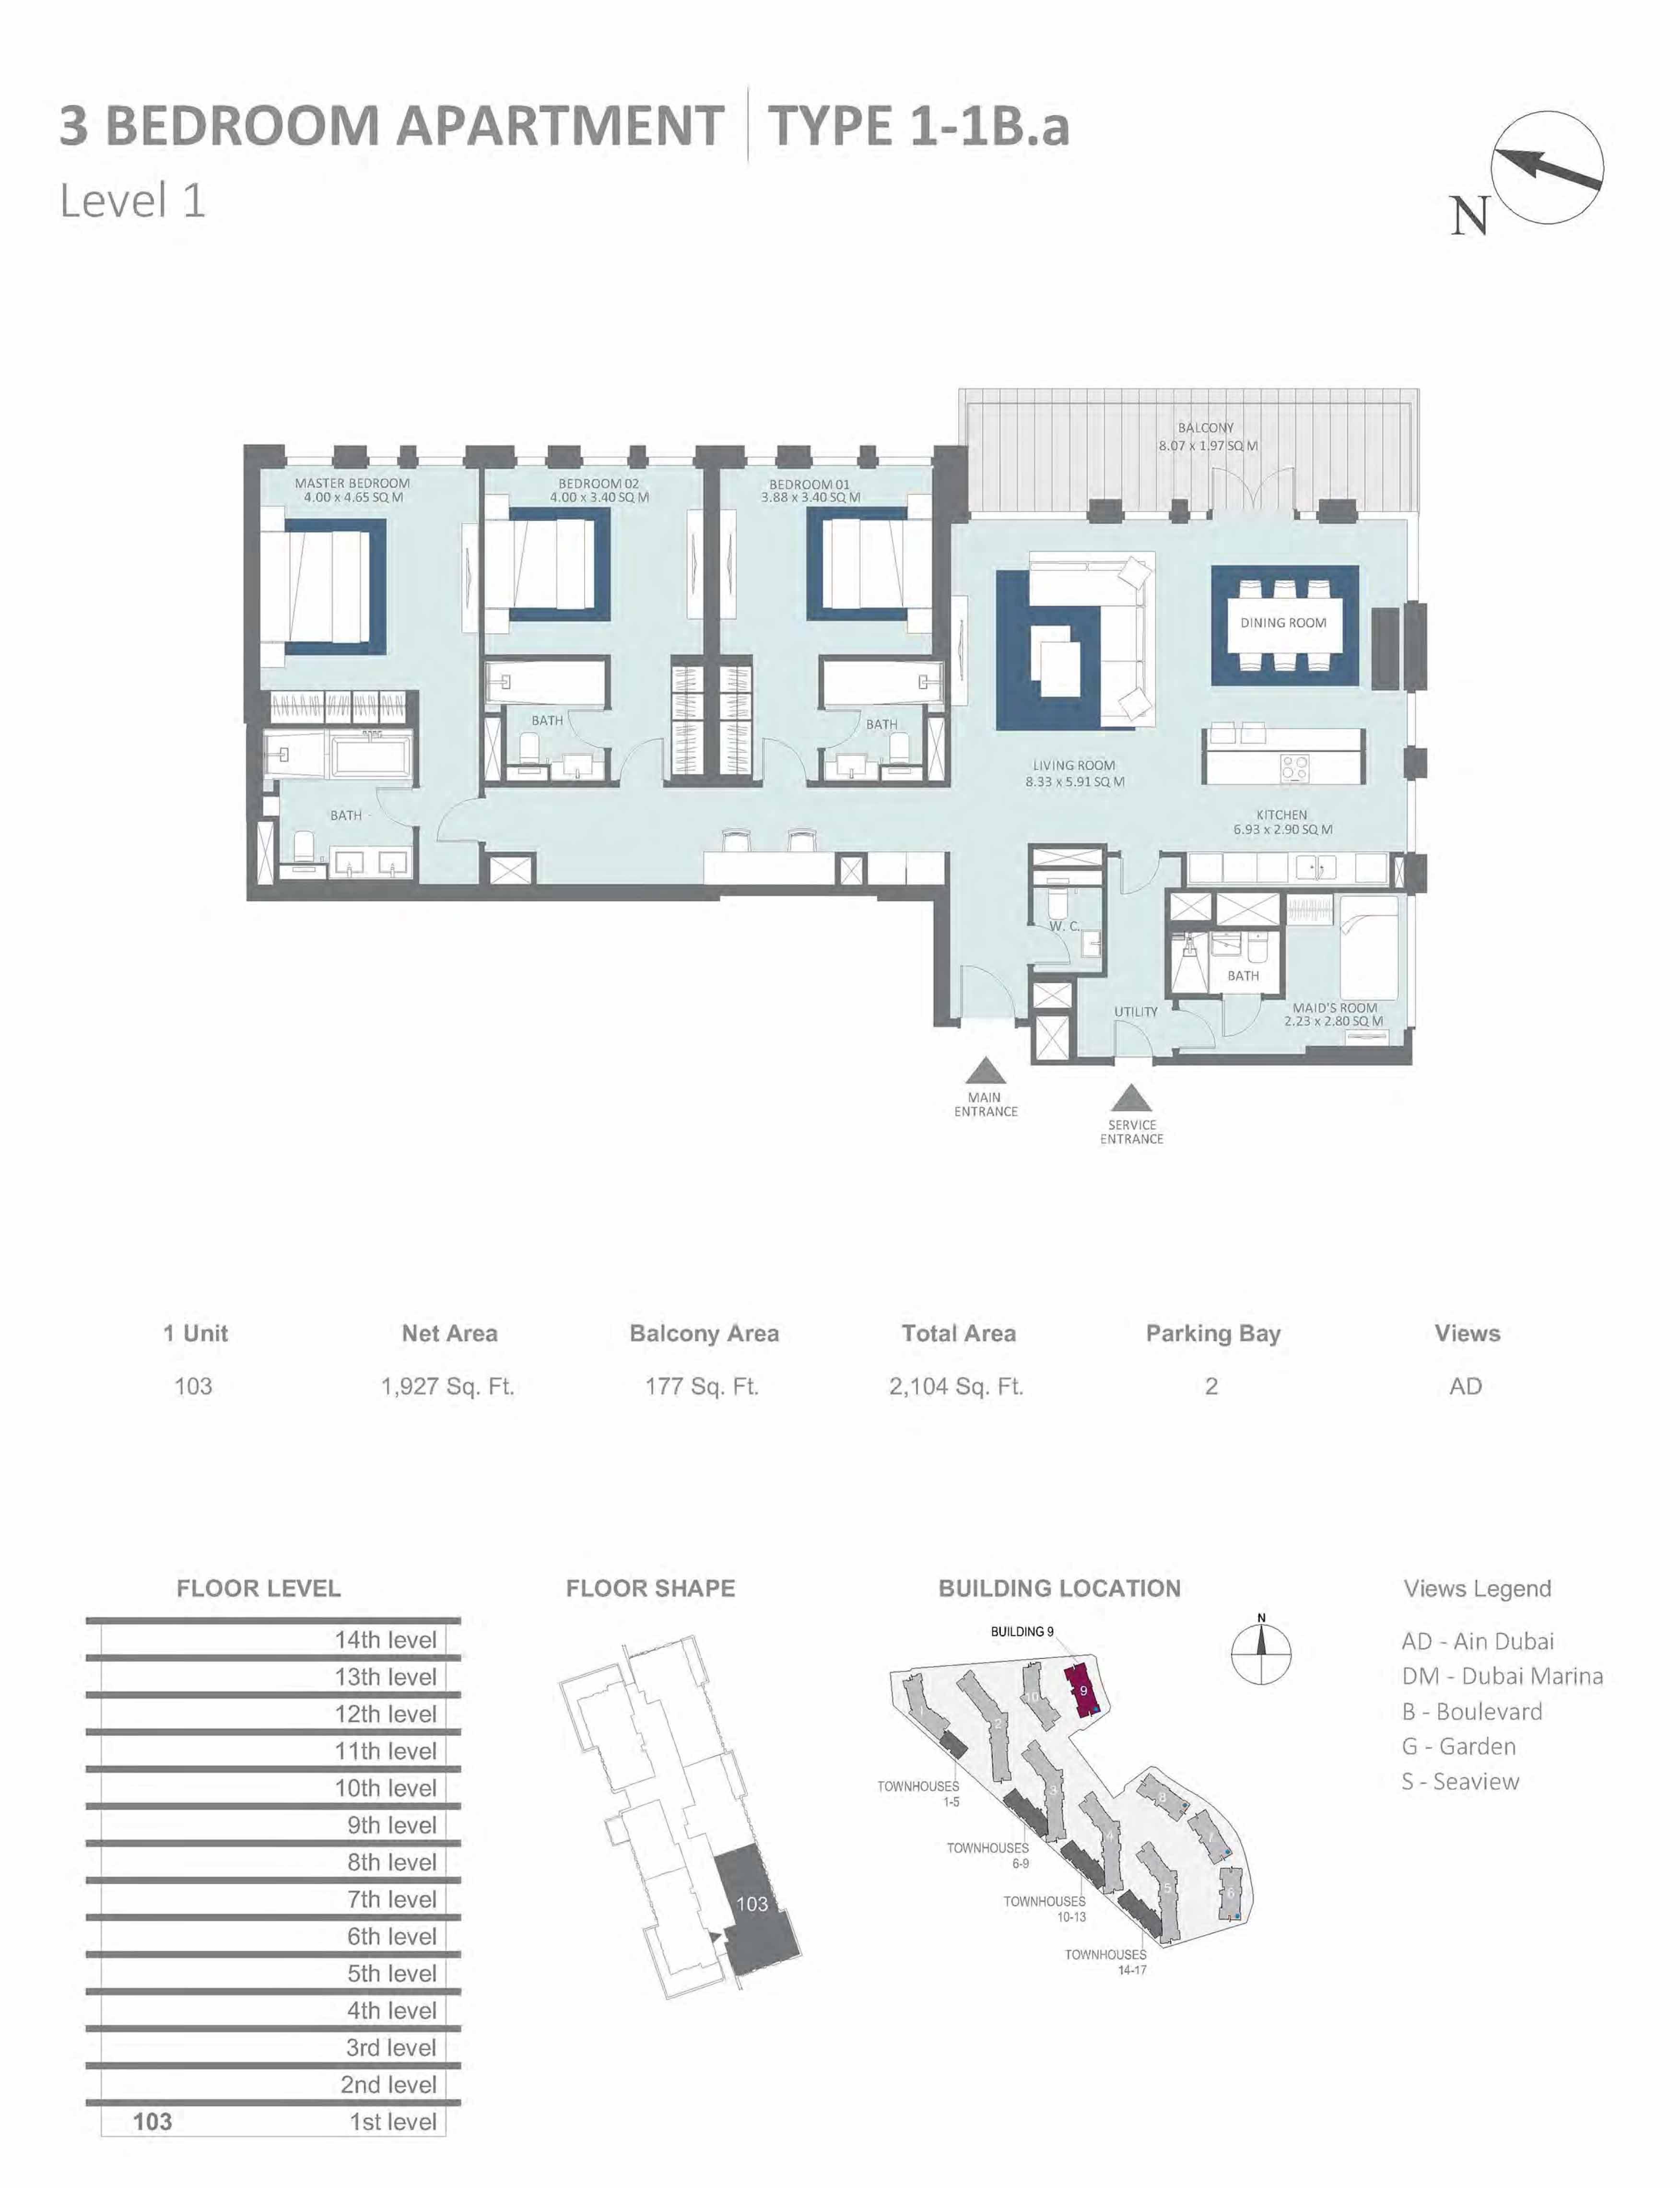 ثلاث غرف نوم، نوع 1.1 ، من المستوى 1، حجم 2104 قدم مربع